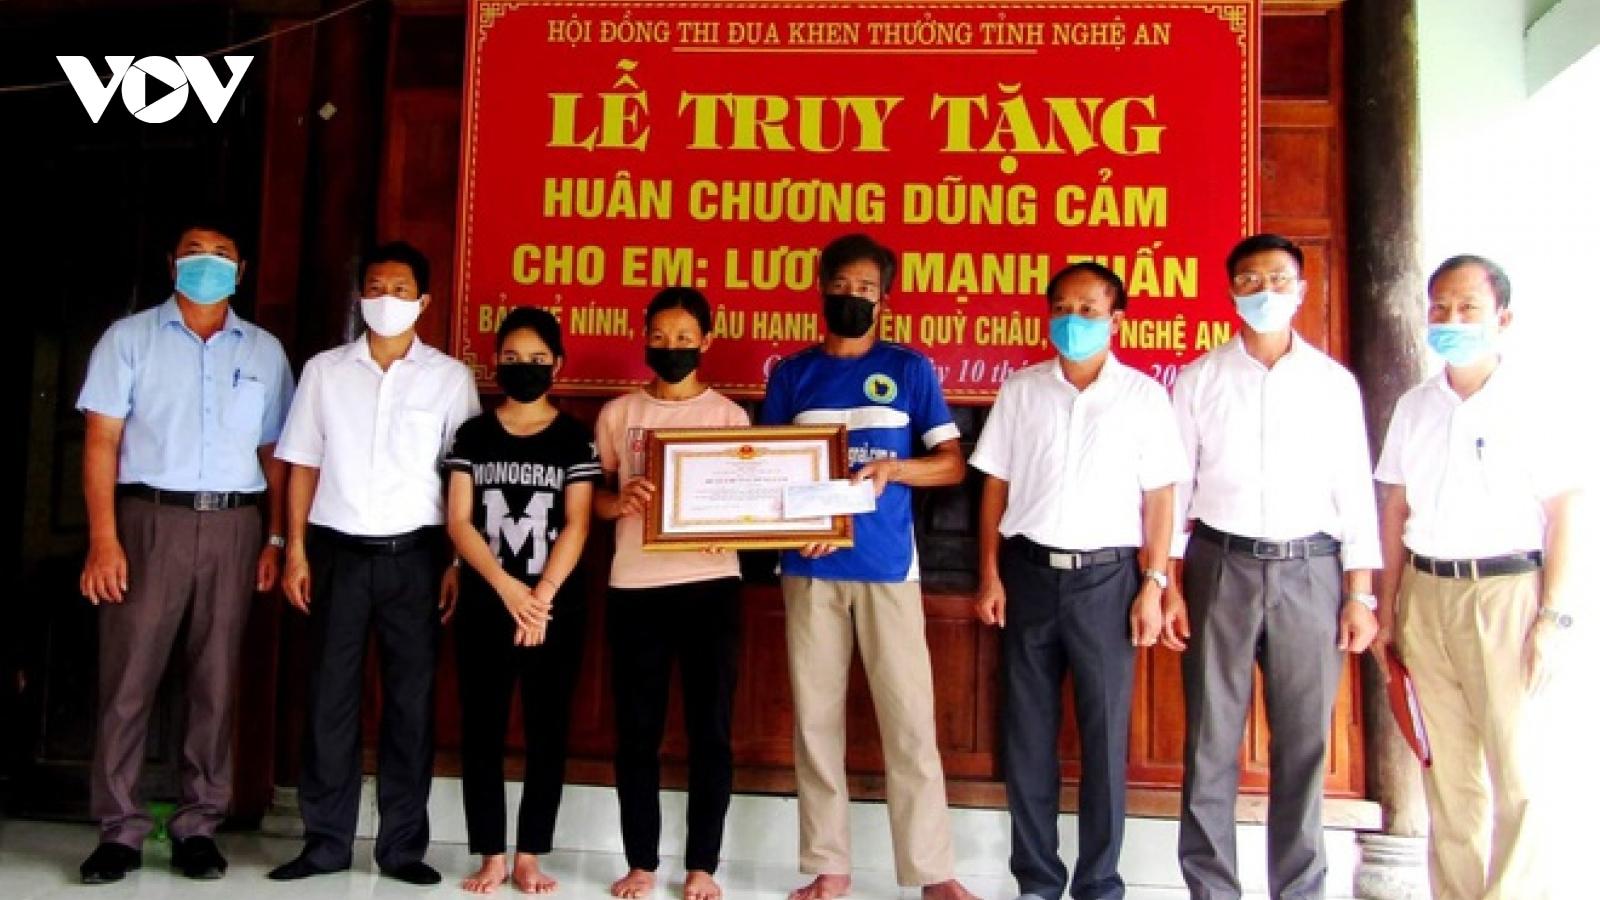 Truy tặng Huân chương dũng cảm cho nam sinh ở Nghệ An quên mình cứu 2 em nhỏ